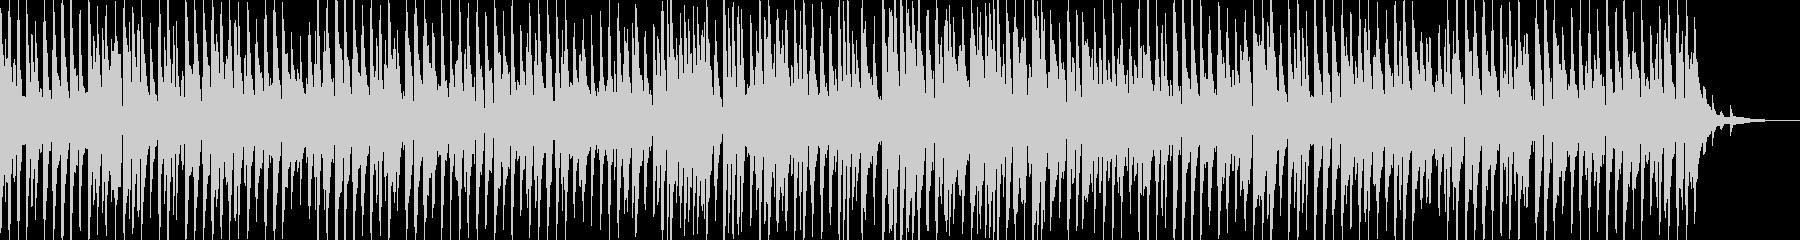 お洒落なジャズピアノトリオ10の未再生の波形